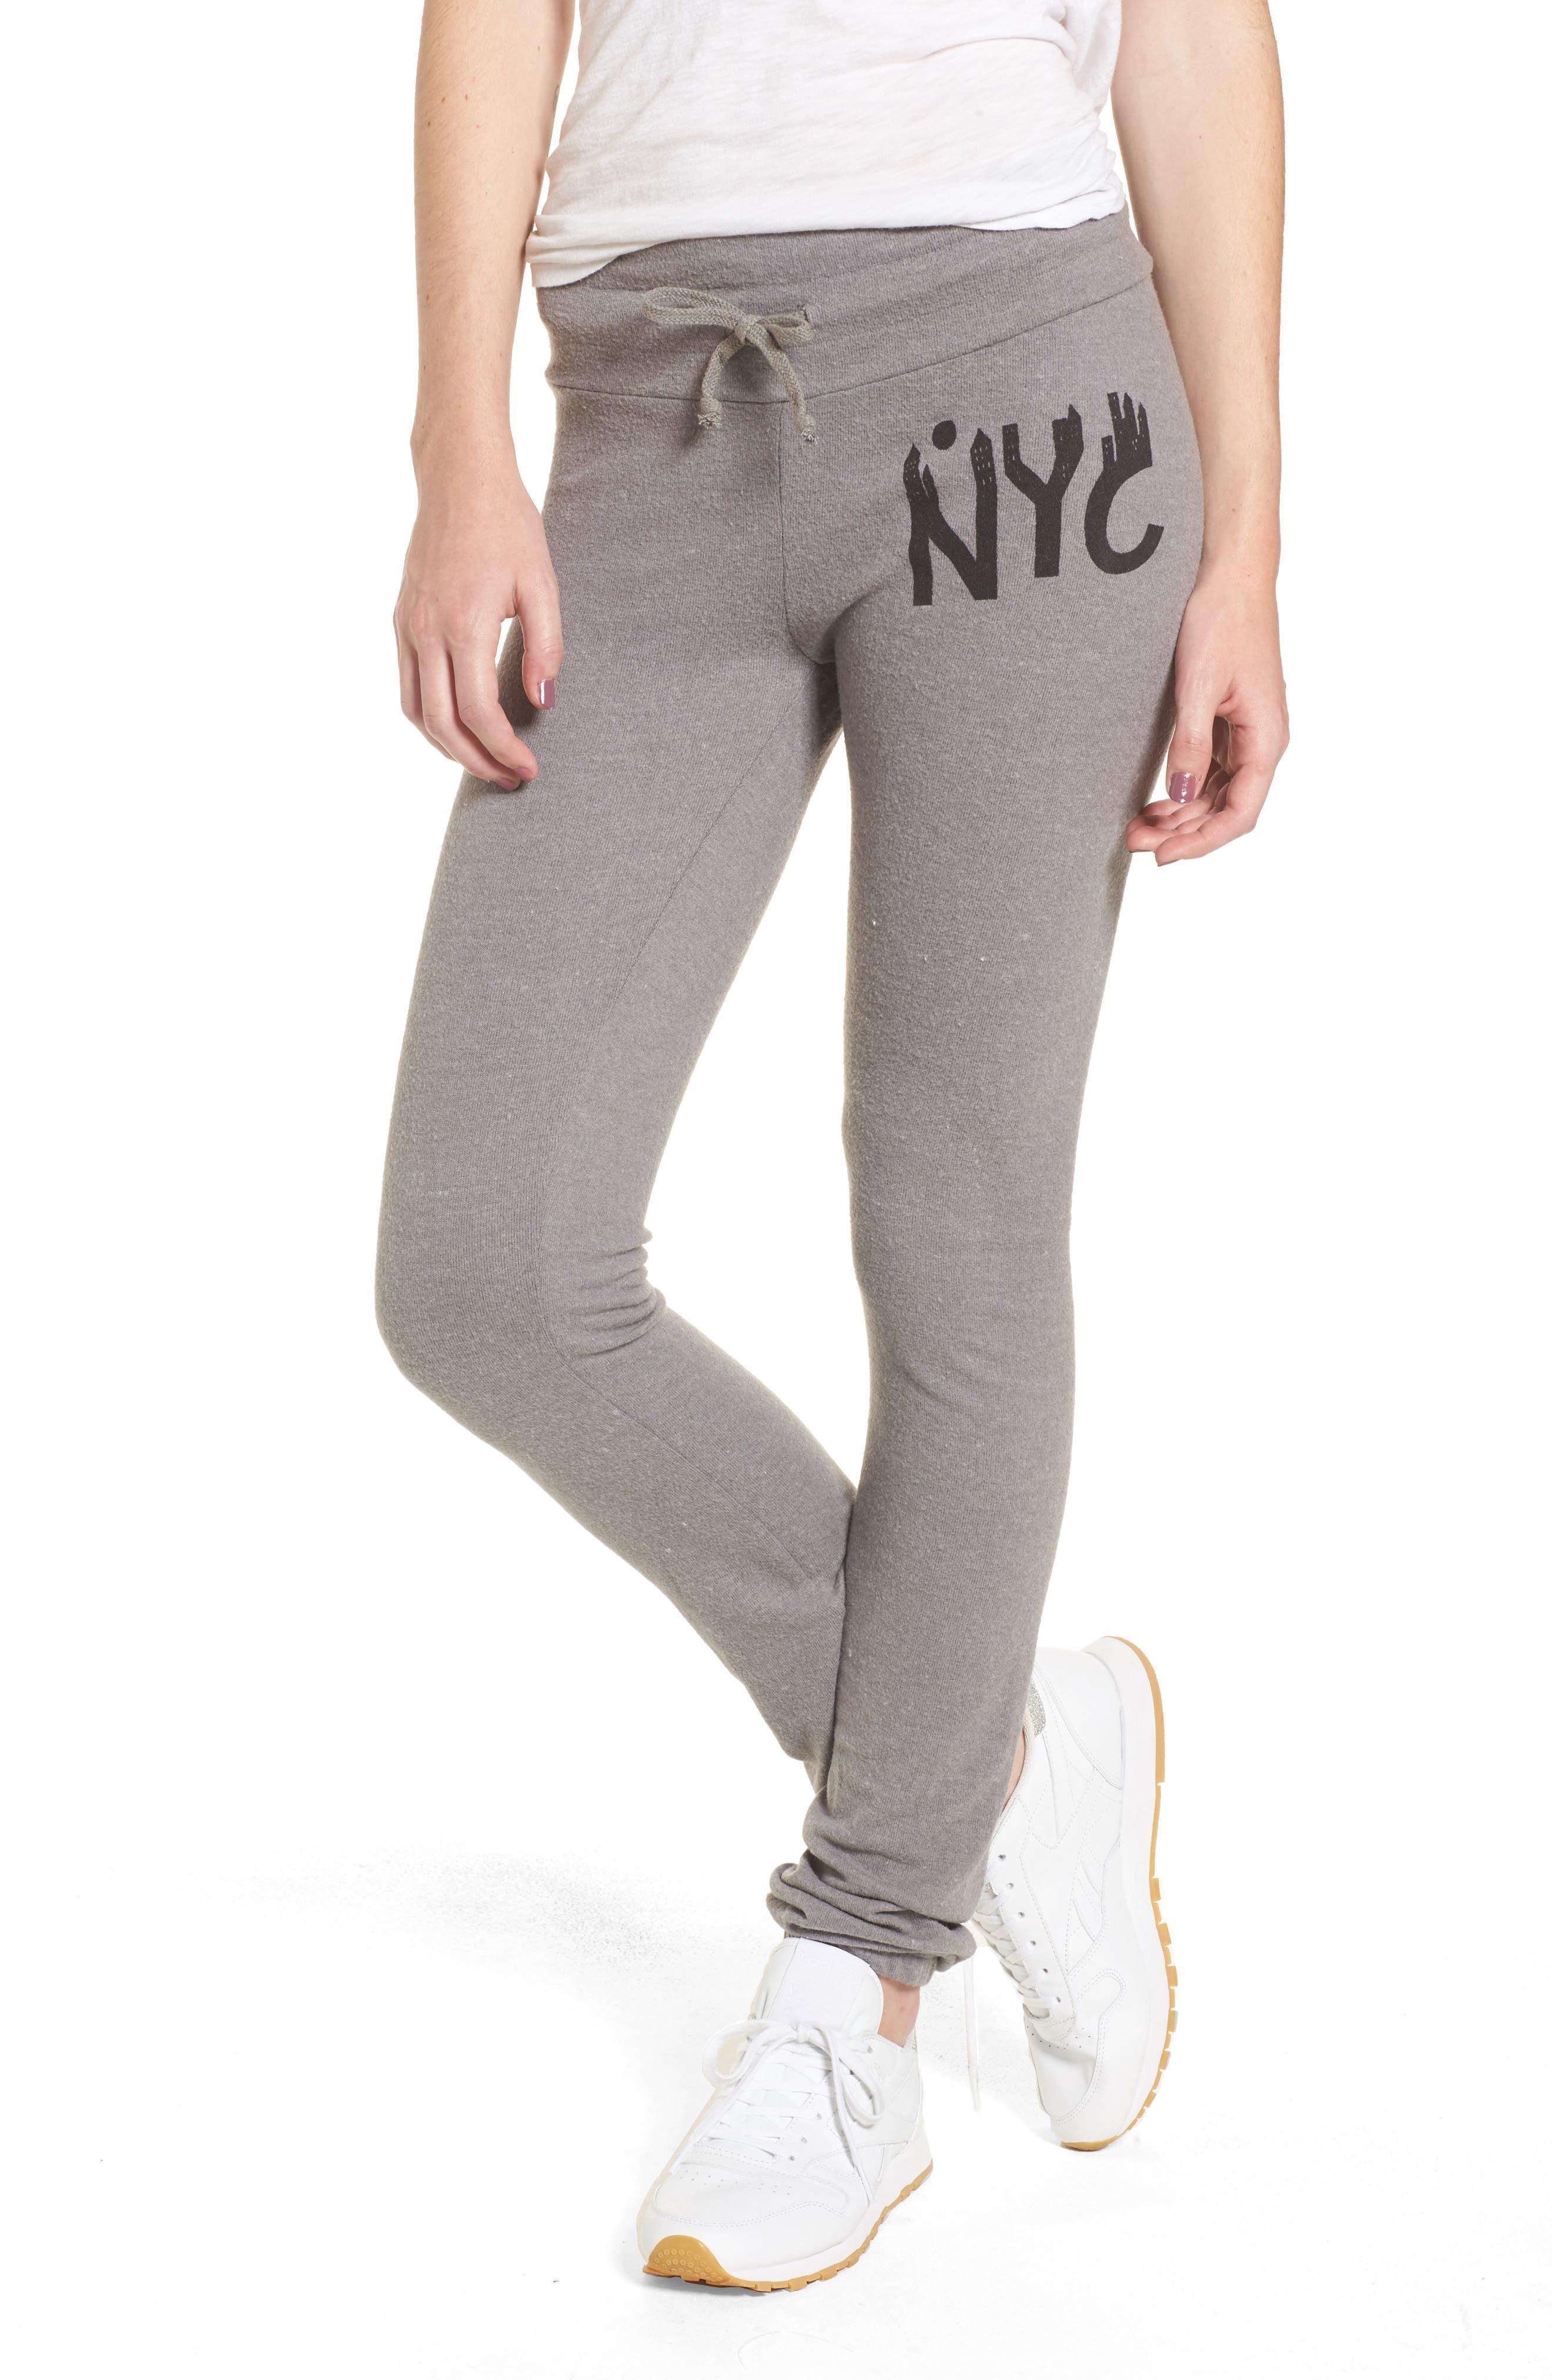 NYC Sweatpants,                             Main thumbnail 1, color,                             023